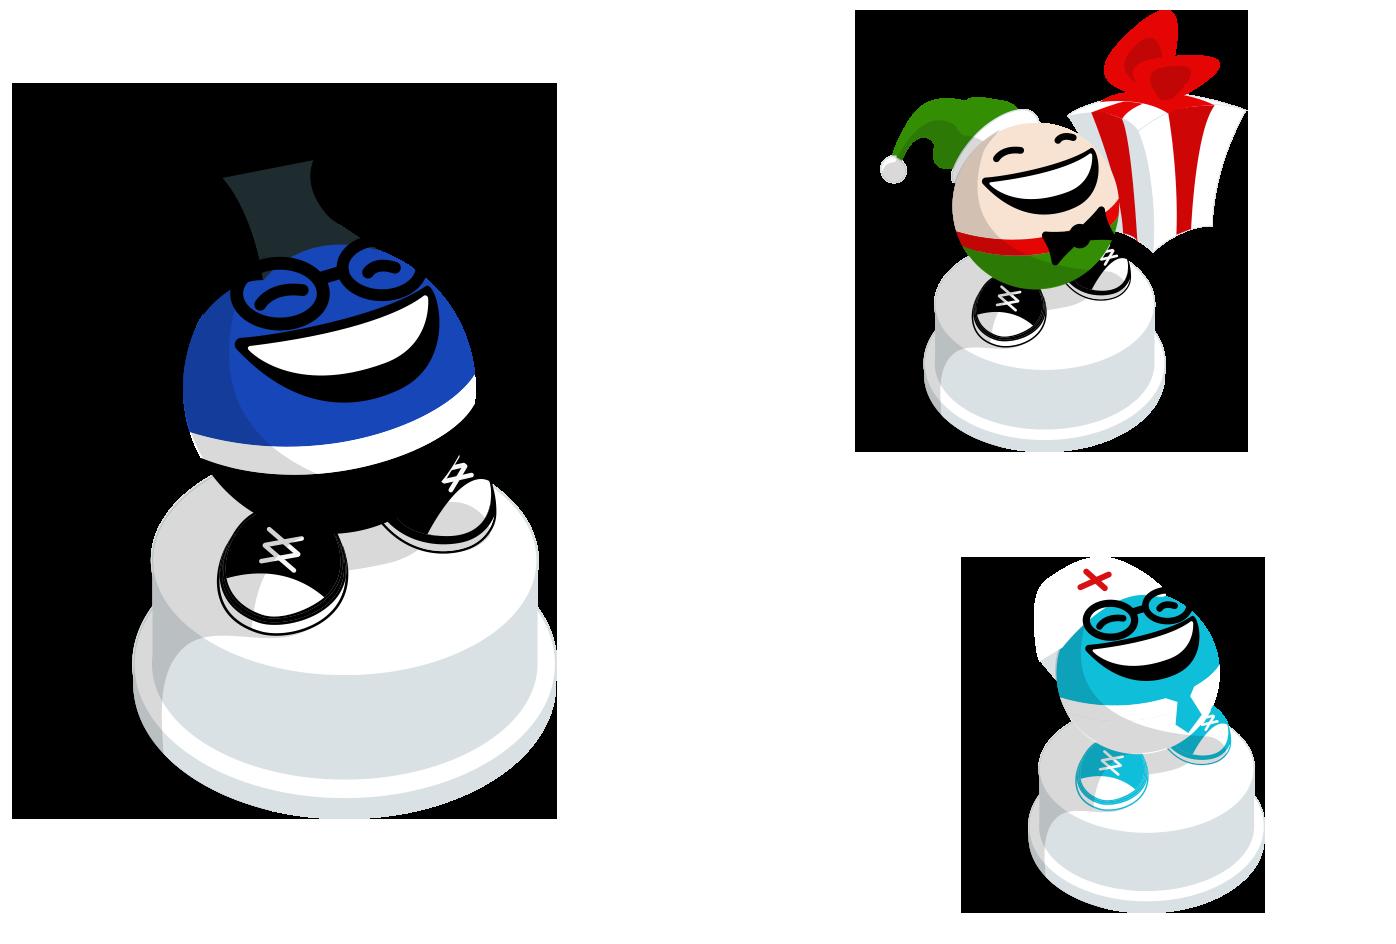 Cigar clipart snowman. Alian morales ui ux